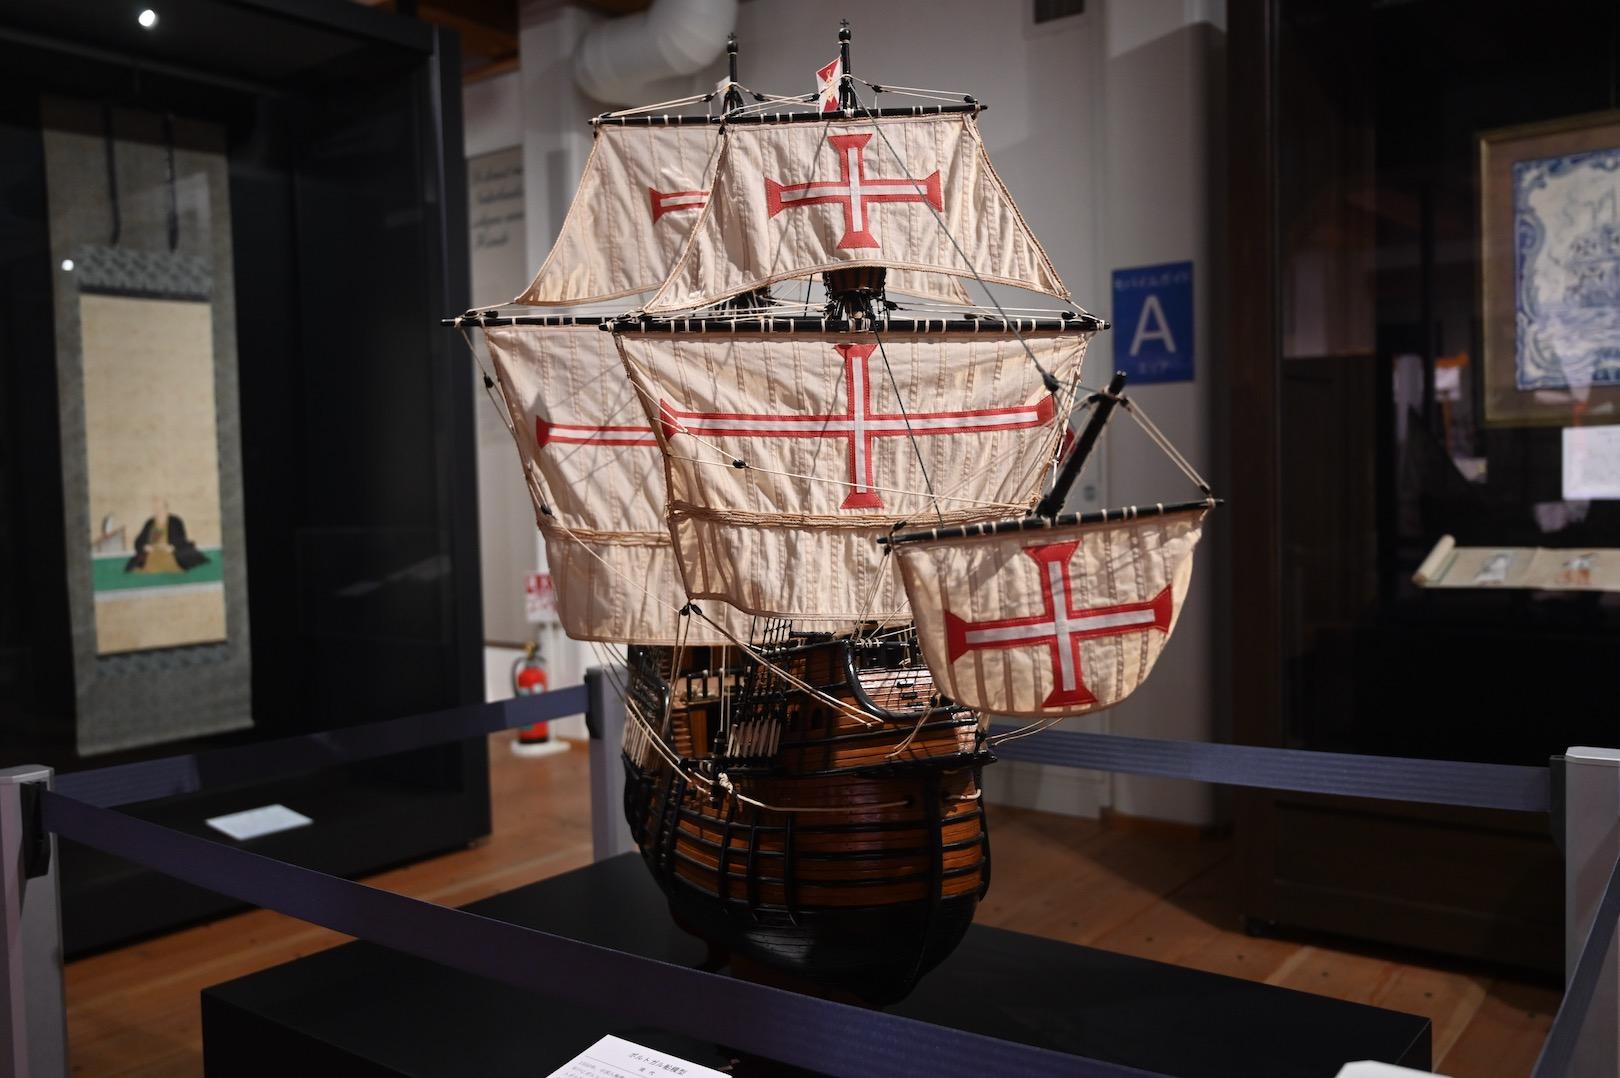 オランダ商館の帆船模型